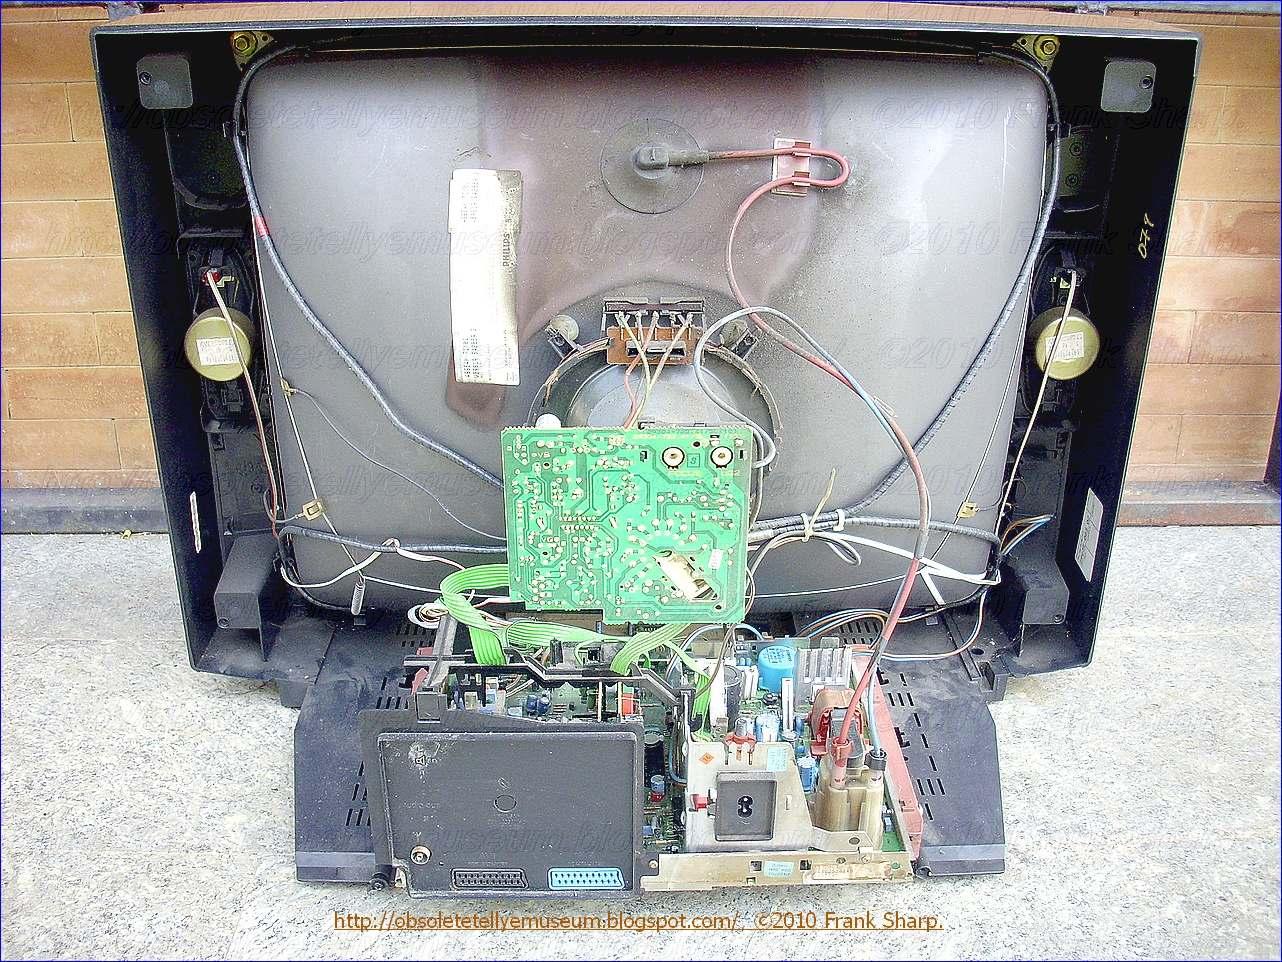 VACUUM TUBE TESTER,DIGITAL LCD TESTER KIT with 4-6 3V power